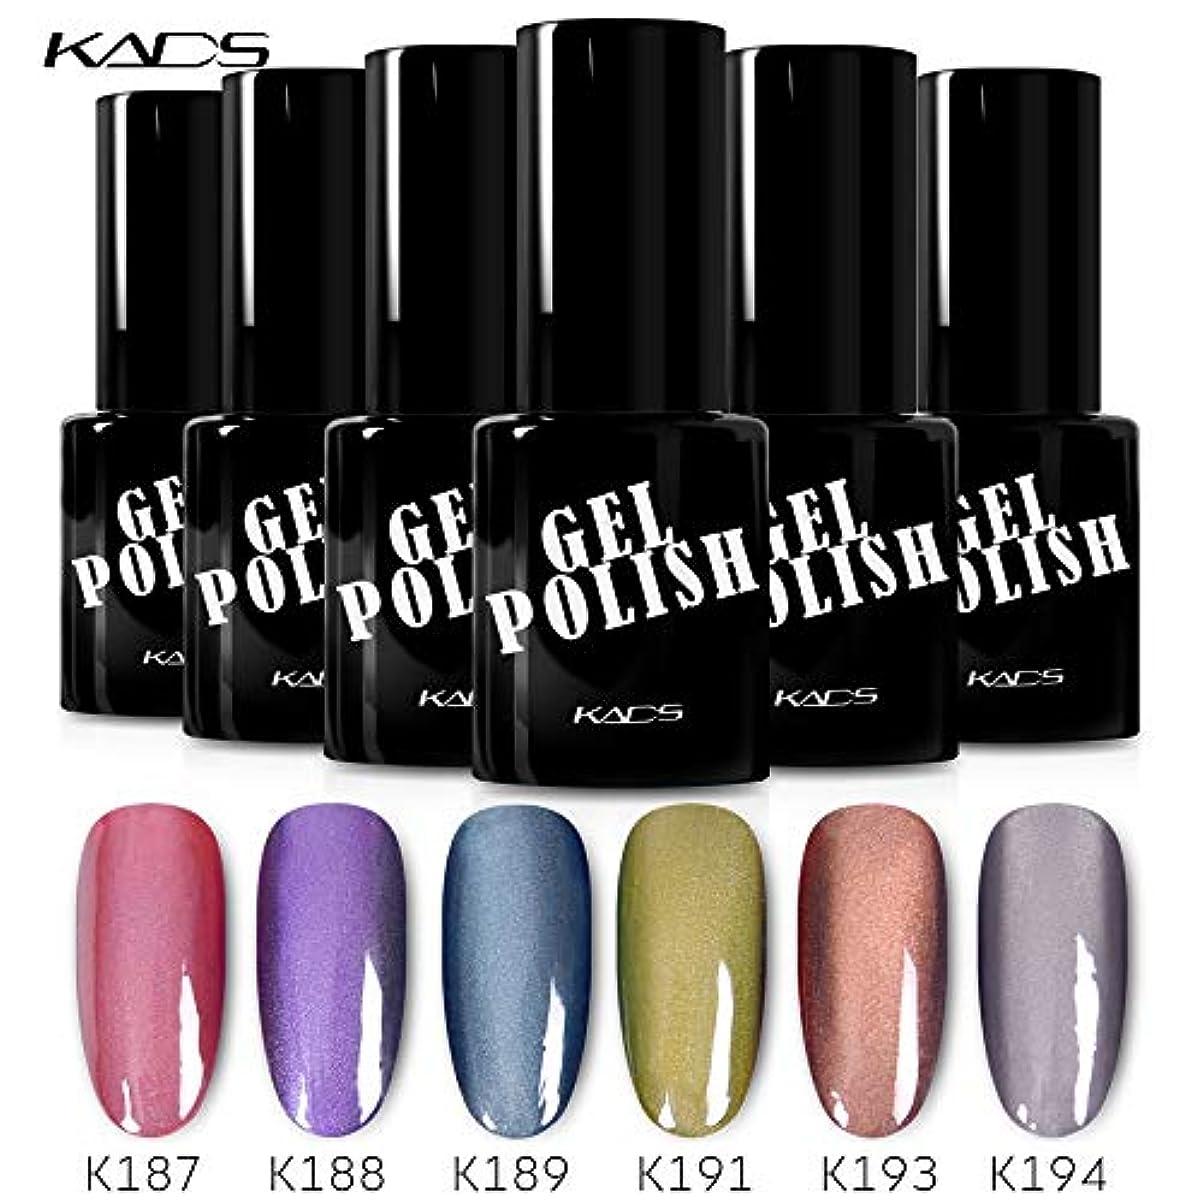 青のぞき見バイソンKADS カラージェル 6色入り キャッツアイジェルネイル グリーン/ピンク/グレー カラーポリッシュ UV/LED対応 艶長持ち